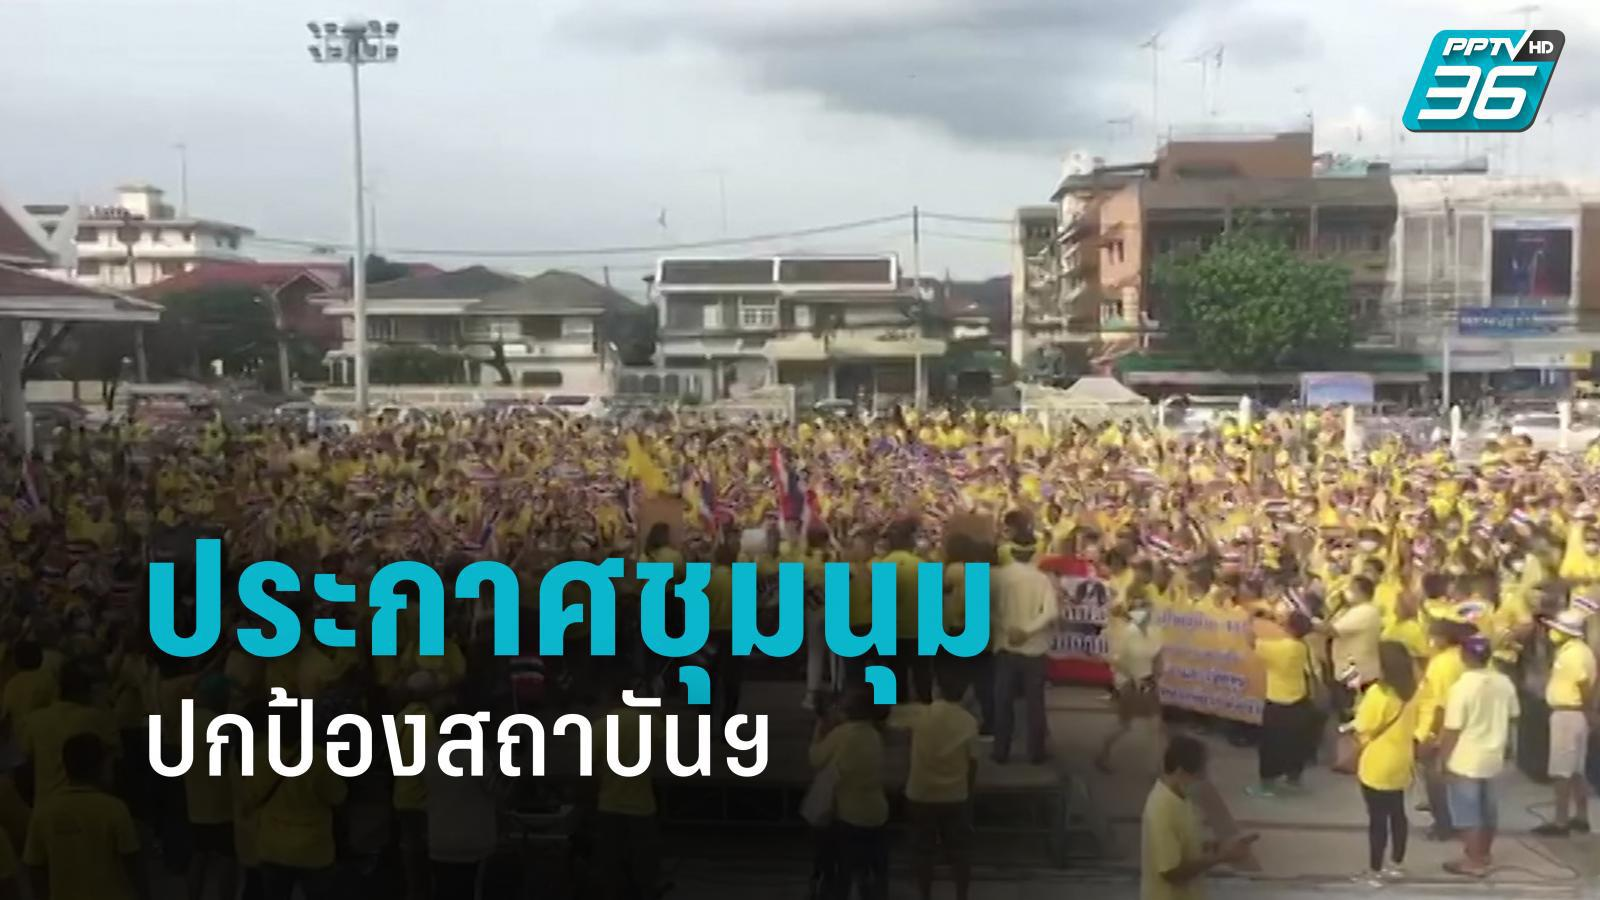 กำนัน ผู้ใหญ่บ้าน จ.ชลบุรี ชุมนุมประกาศปกป้องสถาบันฯ